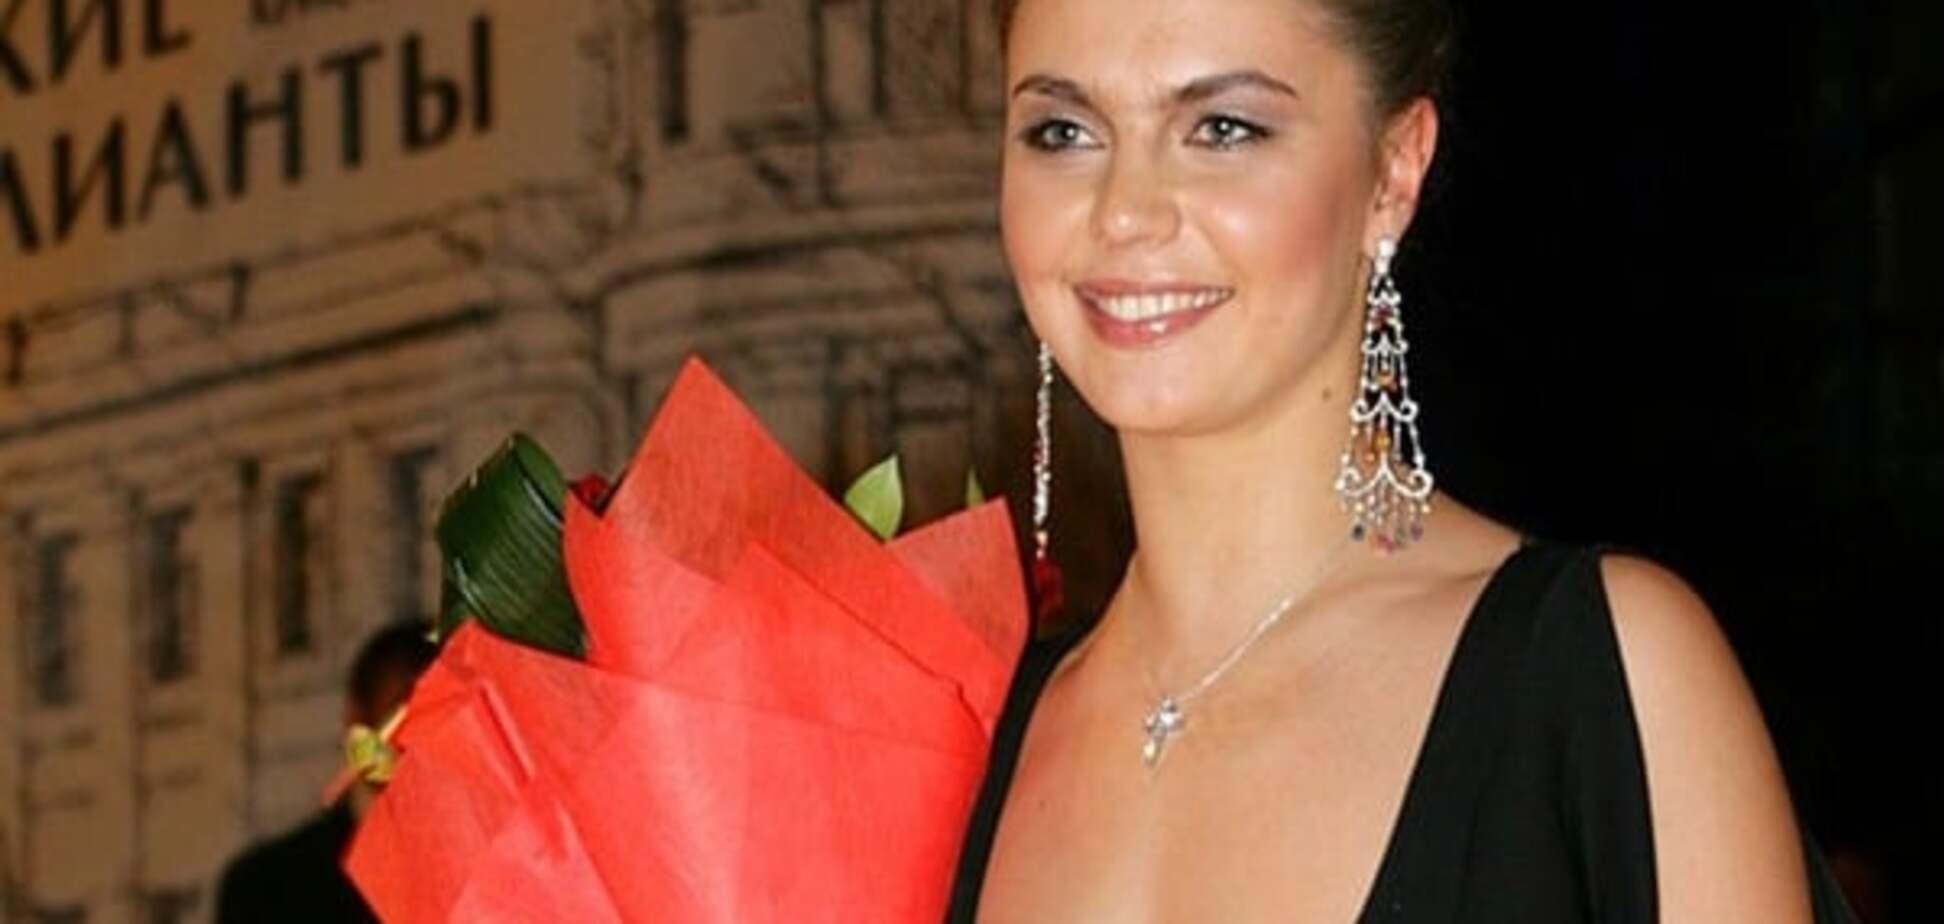 'Не красива і не розумна': Аліну Кабаєву не взяли в глянцевий журнал